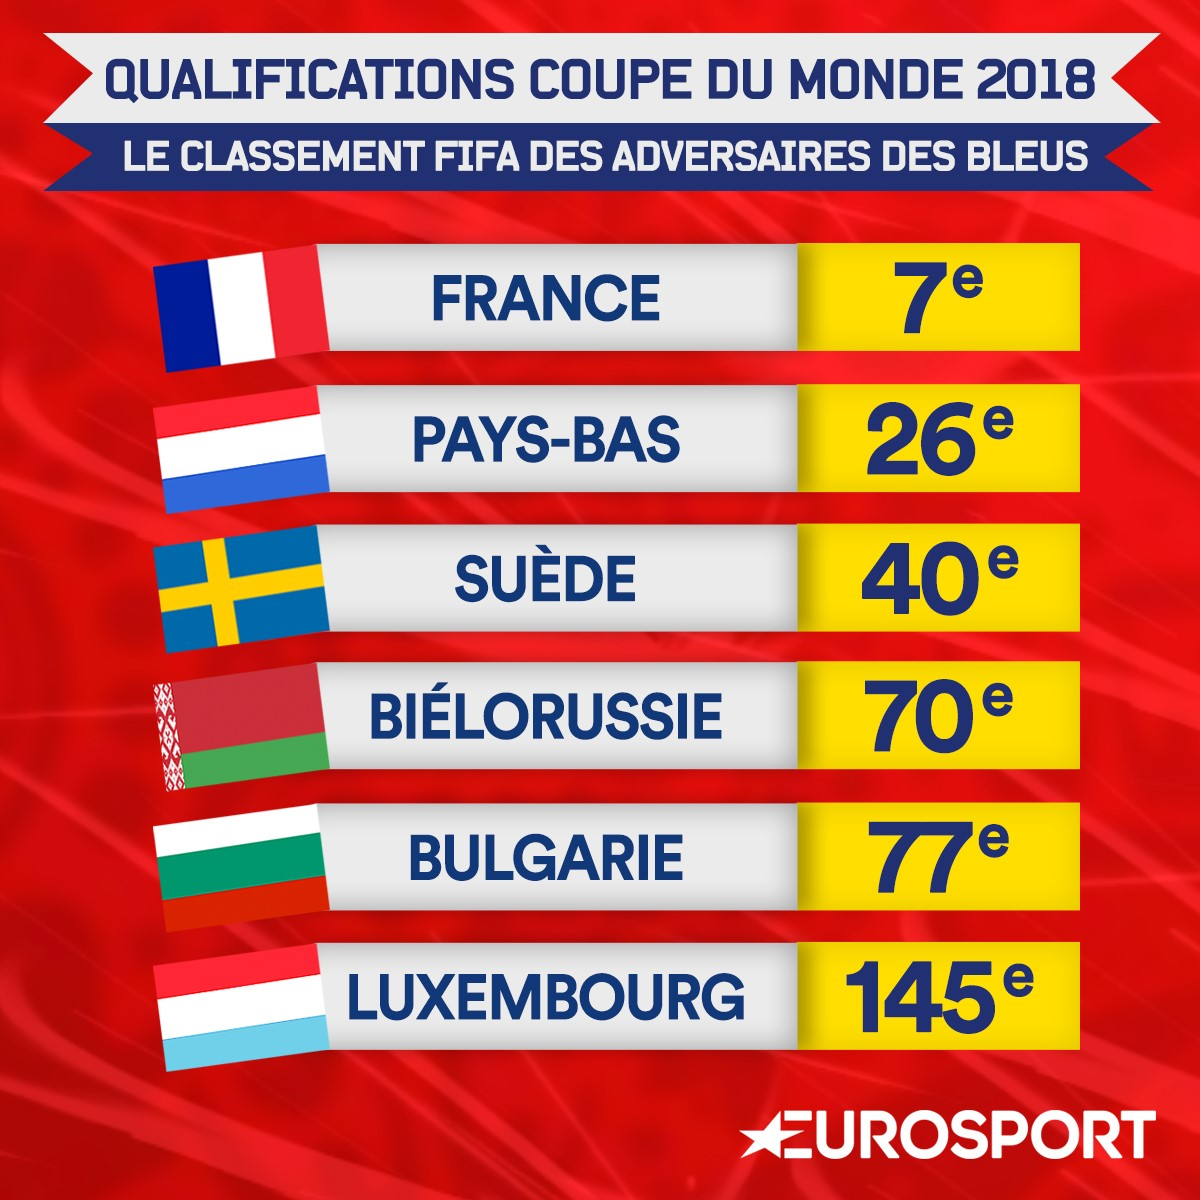 De la finale de l 39 euro la russie la route est droite - Pays qualifies pour la coupe du monde ...